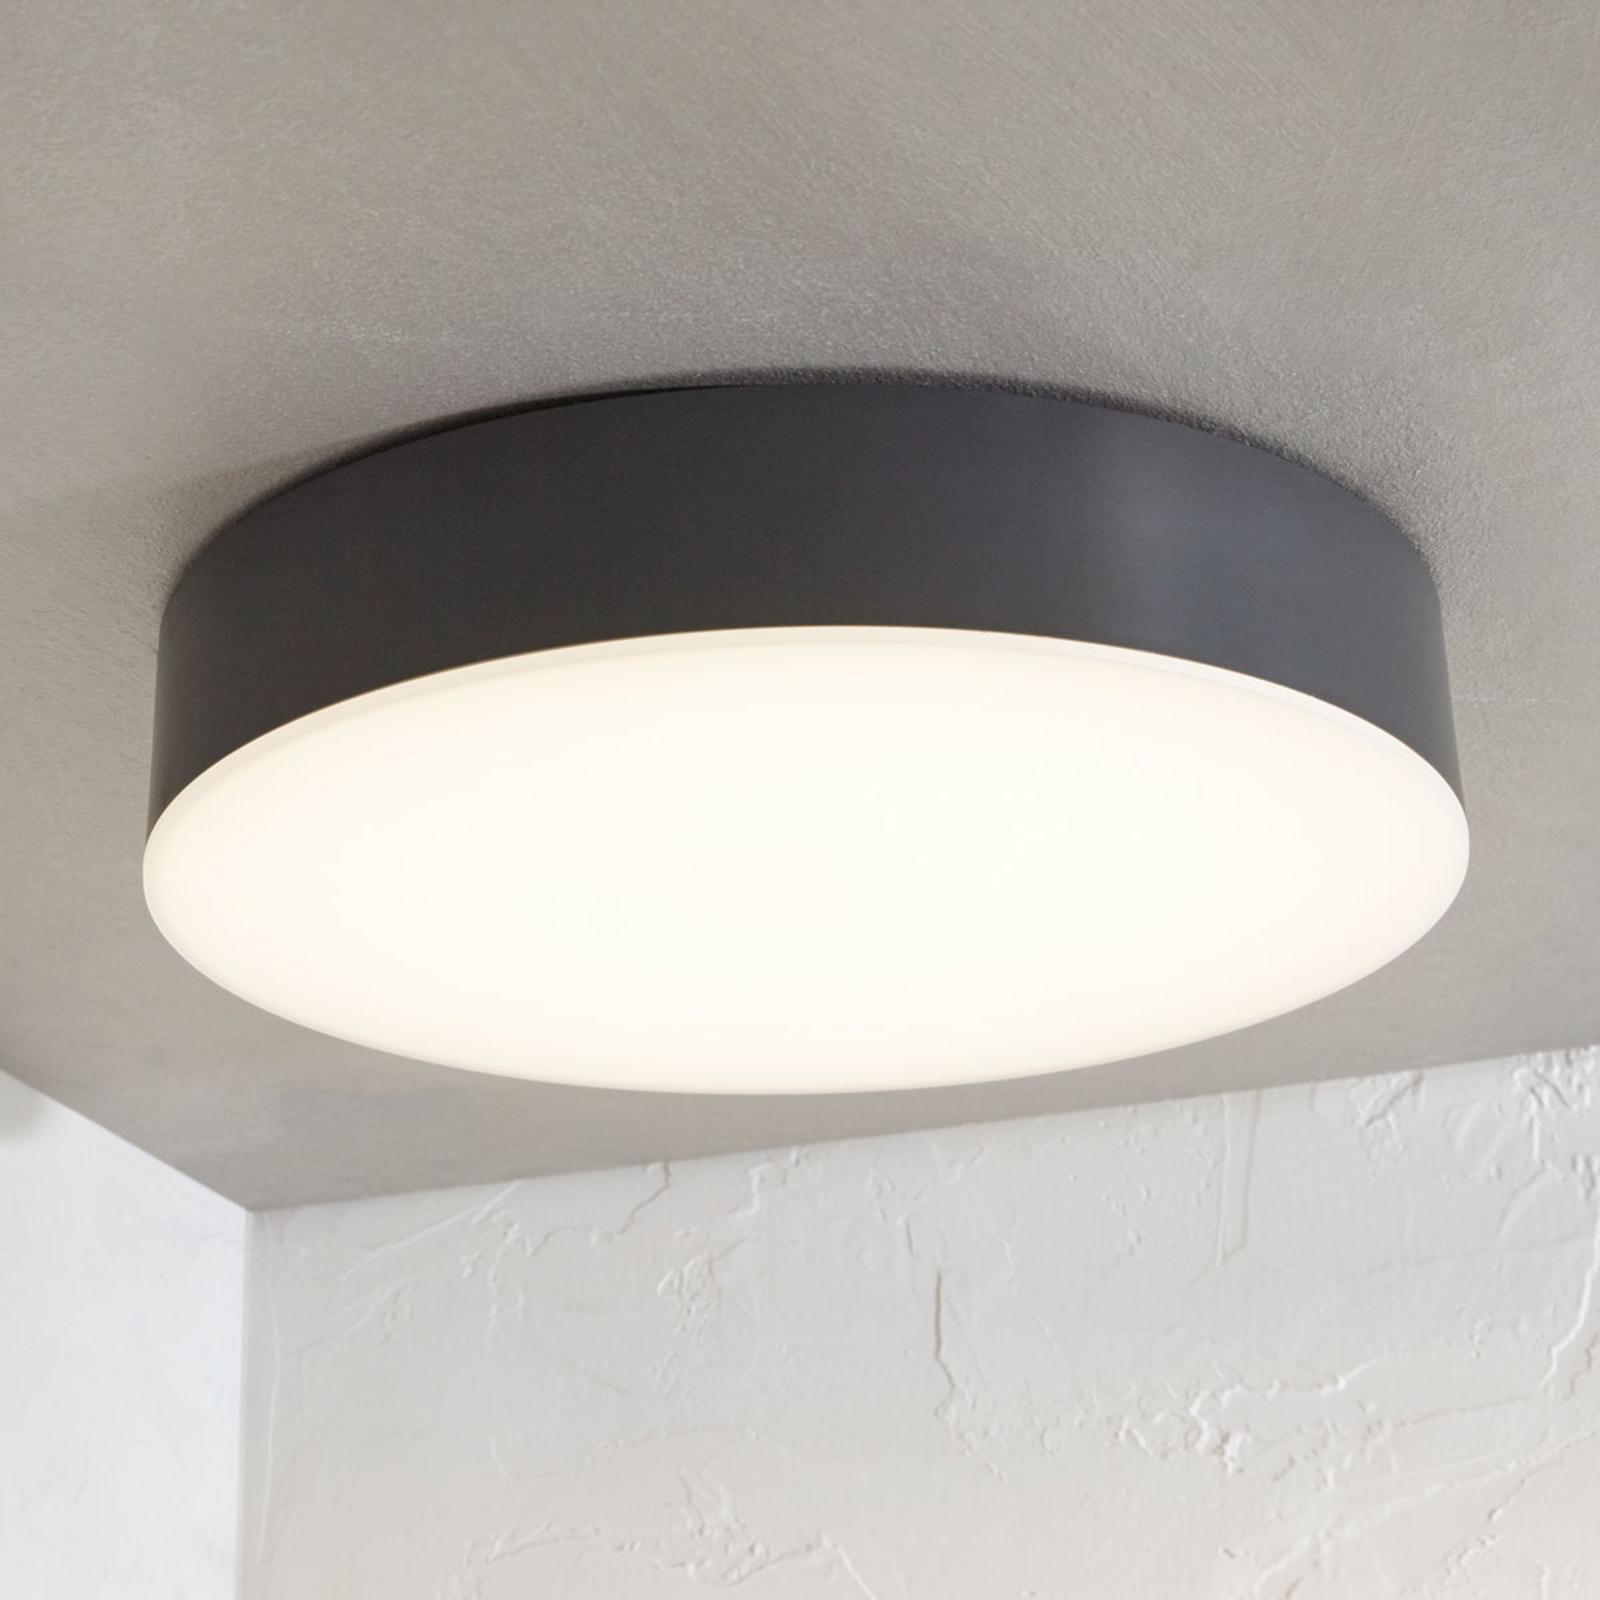 LED-Außendeckenlampe Lahja, IP65, dunkelgrau